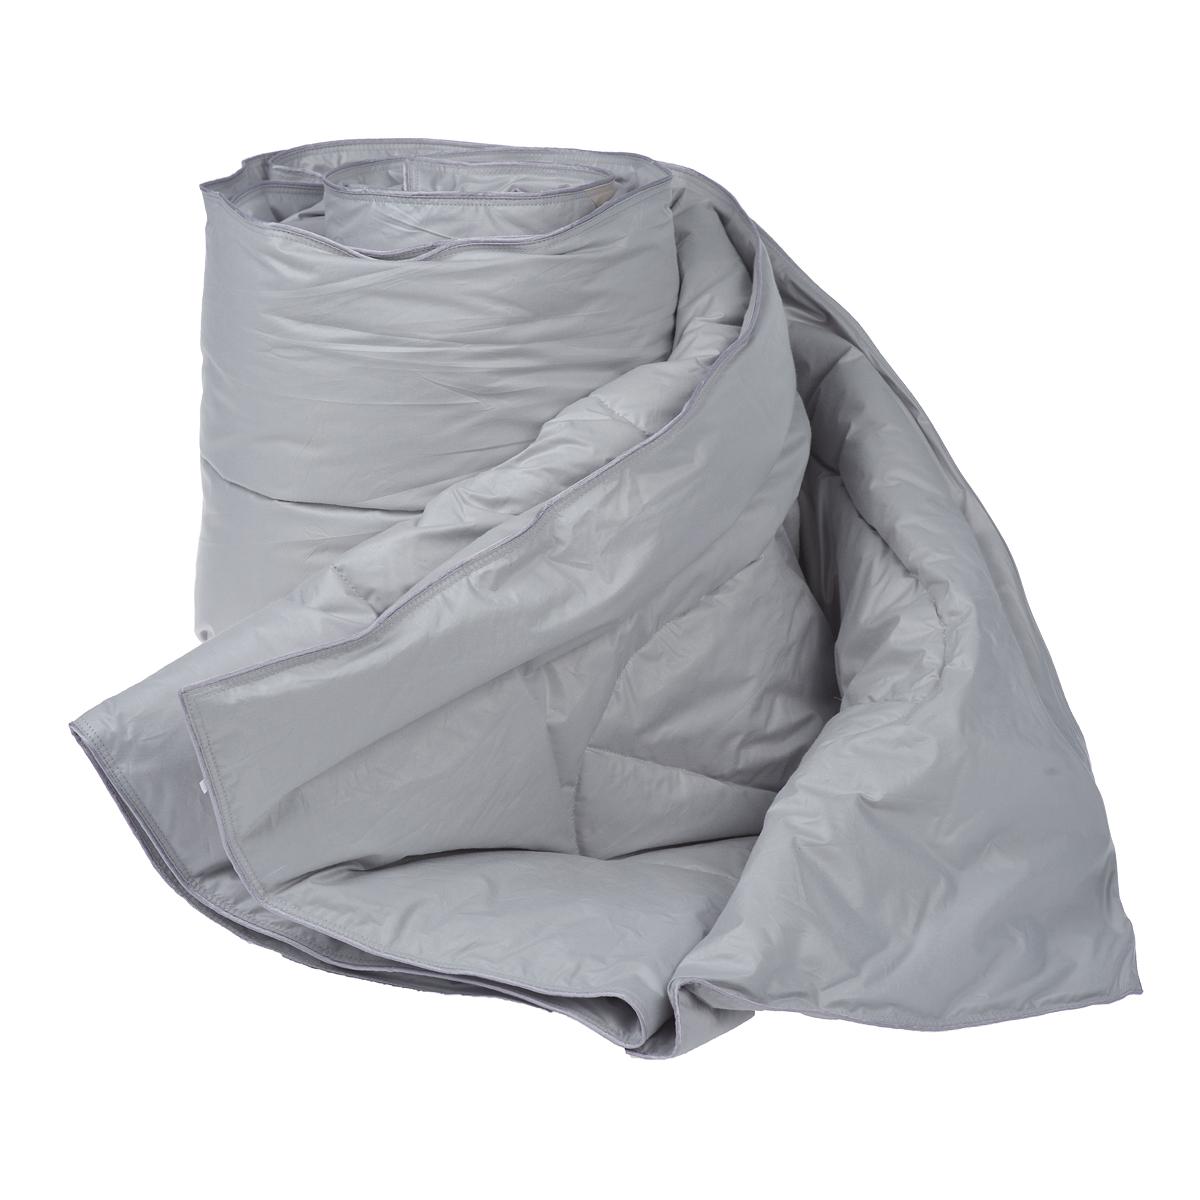 Одеяло Dargez Богемия, наполнитель: гусиный пух категории Экстра, 200 х 220 см26382Одеяло Dargez Богемия подарит комфорт и уют во время сна. Чехол одеяла выполнен из пуходержащего гладкокрашеного батиста с обработкой ионами серебра.Ткань с ионами серебра благотворно воздействует на кожу, оказывает расслабляющее действие для организма человека, имеет устойчивый антибактериальный эффект. Уникальная запатентованная стежка Bodyline® по форме повторяет тело человека, что помогает эффективно регулировать теплообмен различных частей организма и создать оптимальный микроклимат во время сна.Натуральное сырье, инновационные разработки и современные технологии - вот рецепт вашего крепкого сна. Изделия коллекции способны стать прекрасным подарком для людей, ценящих красоту и комфорт. Рекомендации по уходу: - Стирка при температуре не более 40°С. - Запрещается отбеливать, гладить, выжимать и сушить в стиральной машине.Материал чехла: батист пуходержащий (100% хлопок). Материал наполнителя: гусиный пух категории Экстра.